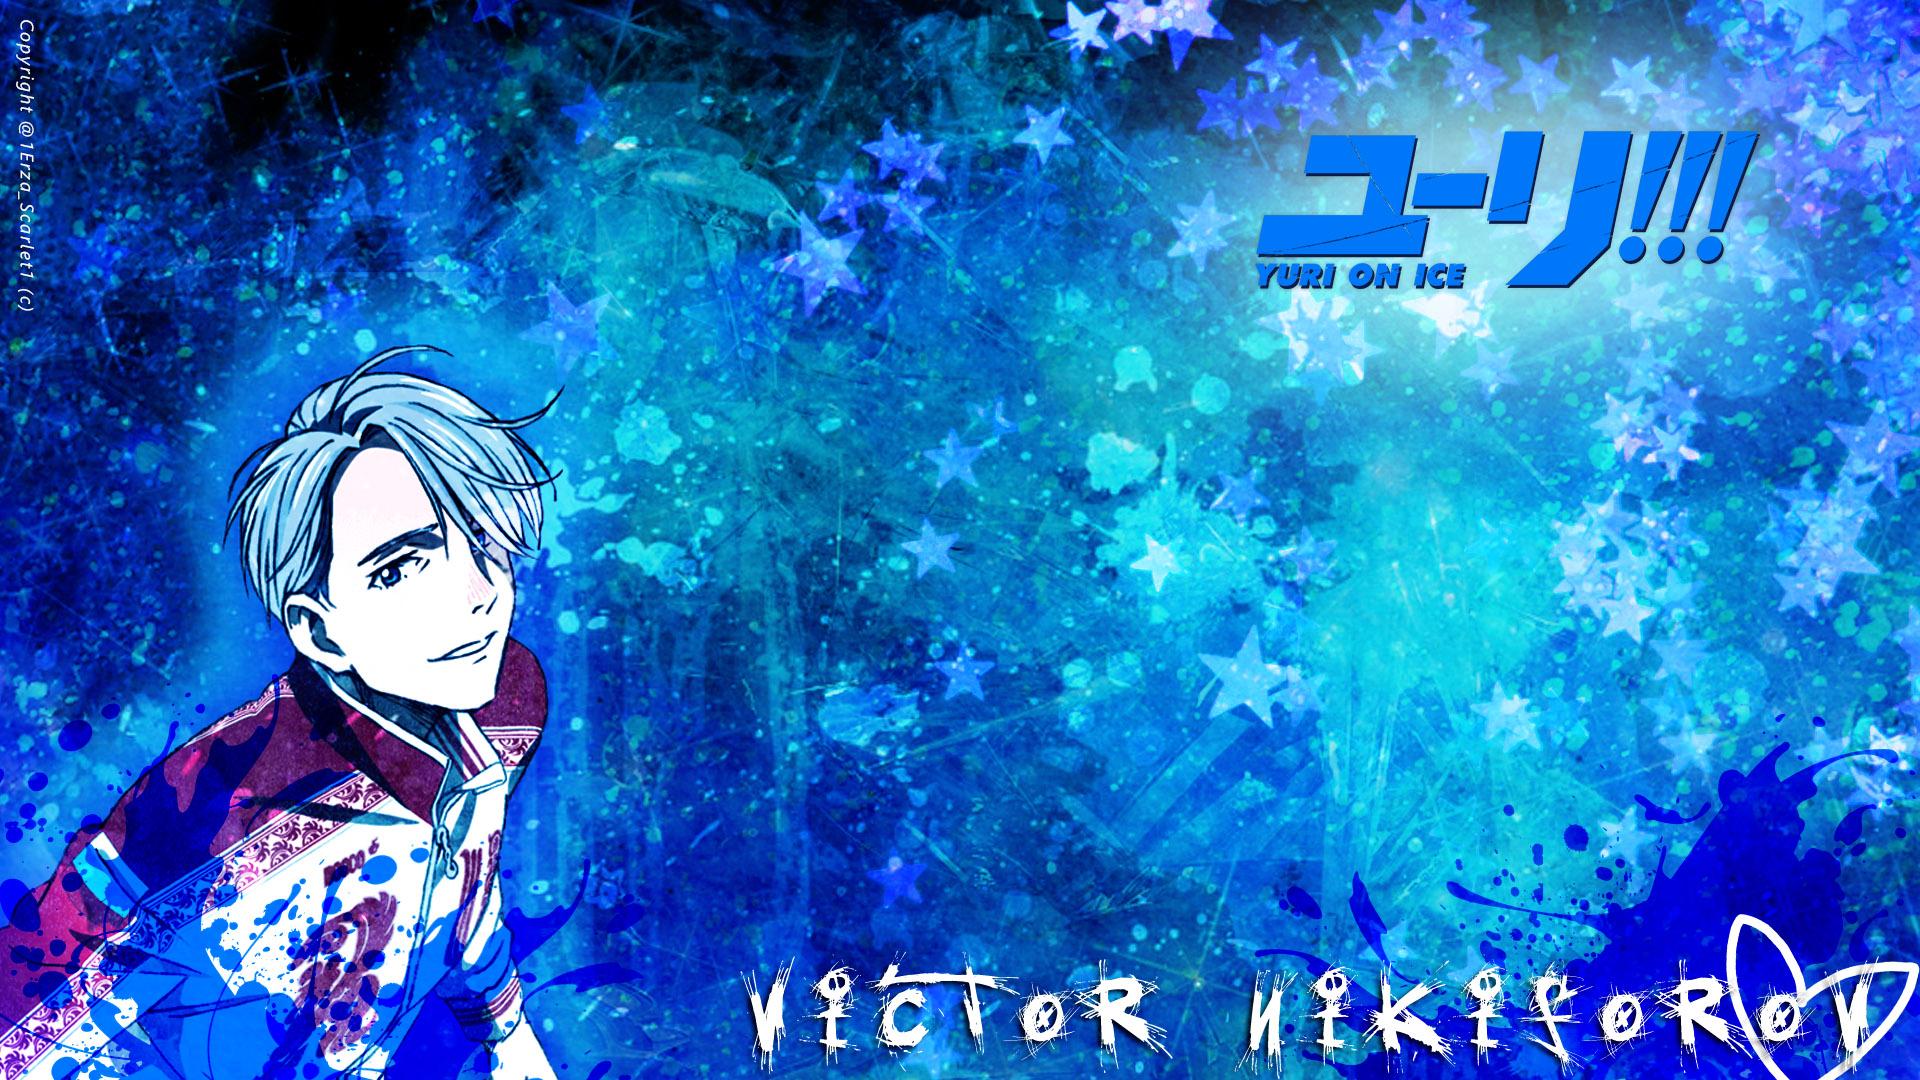 desktop wallpaper rca victor - 28 images - philosophy wallpapers ...